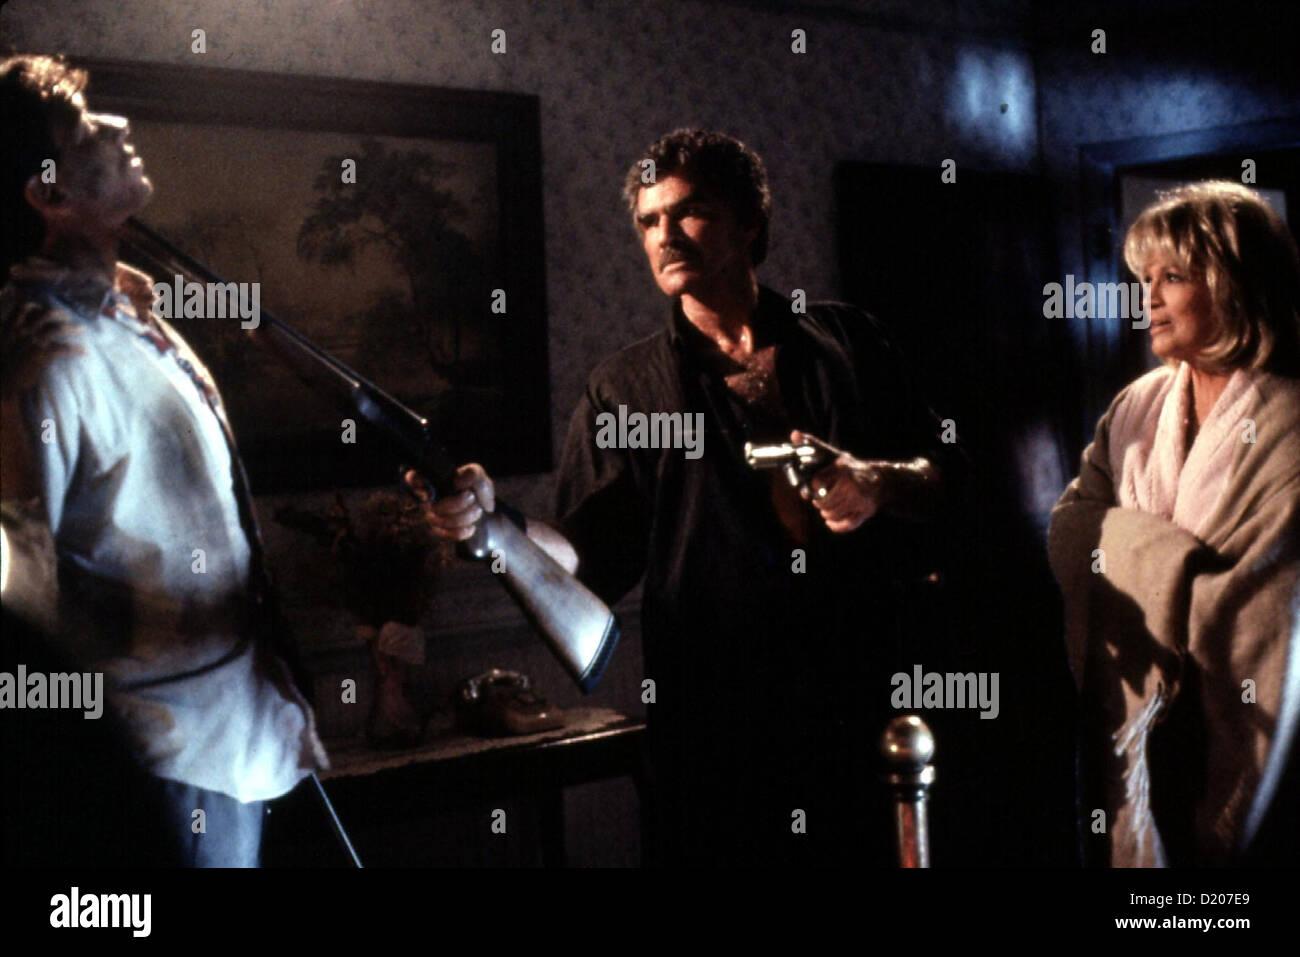 Der Psychopath  Maddening,  Brian Wimmer, Burt Reynolds, Angie Dickinson David (Brian Wimmer), Roy (Burt Reynolds) - Stock Image